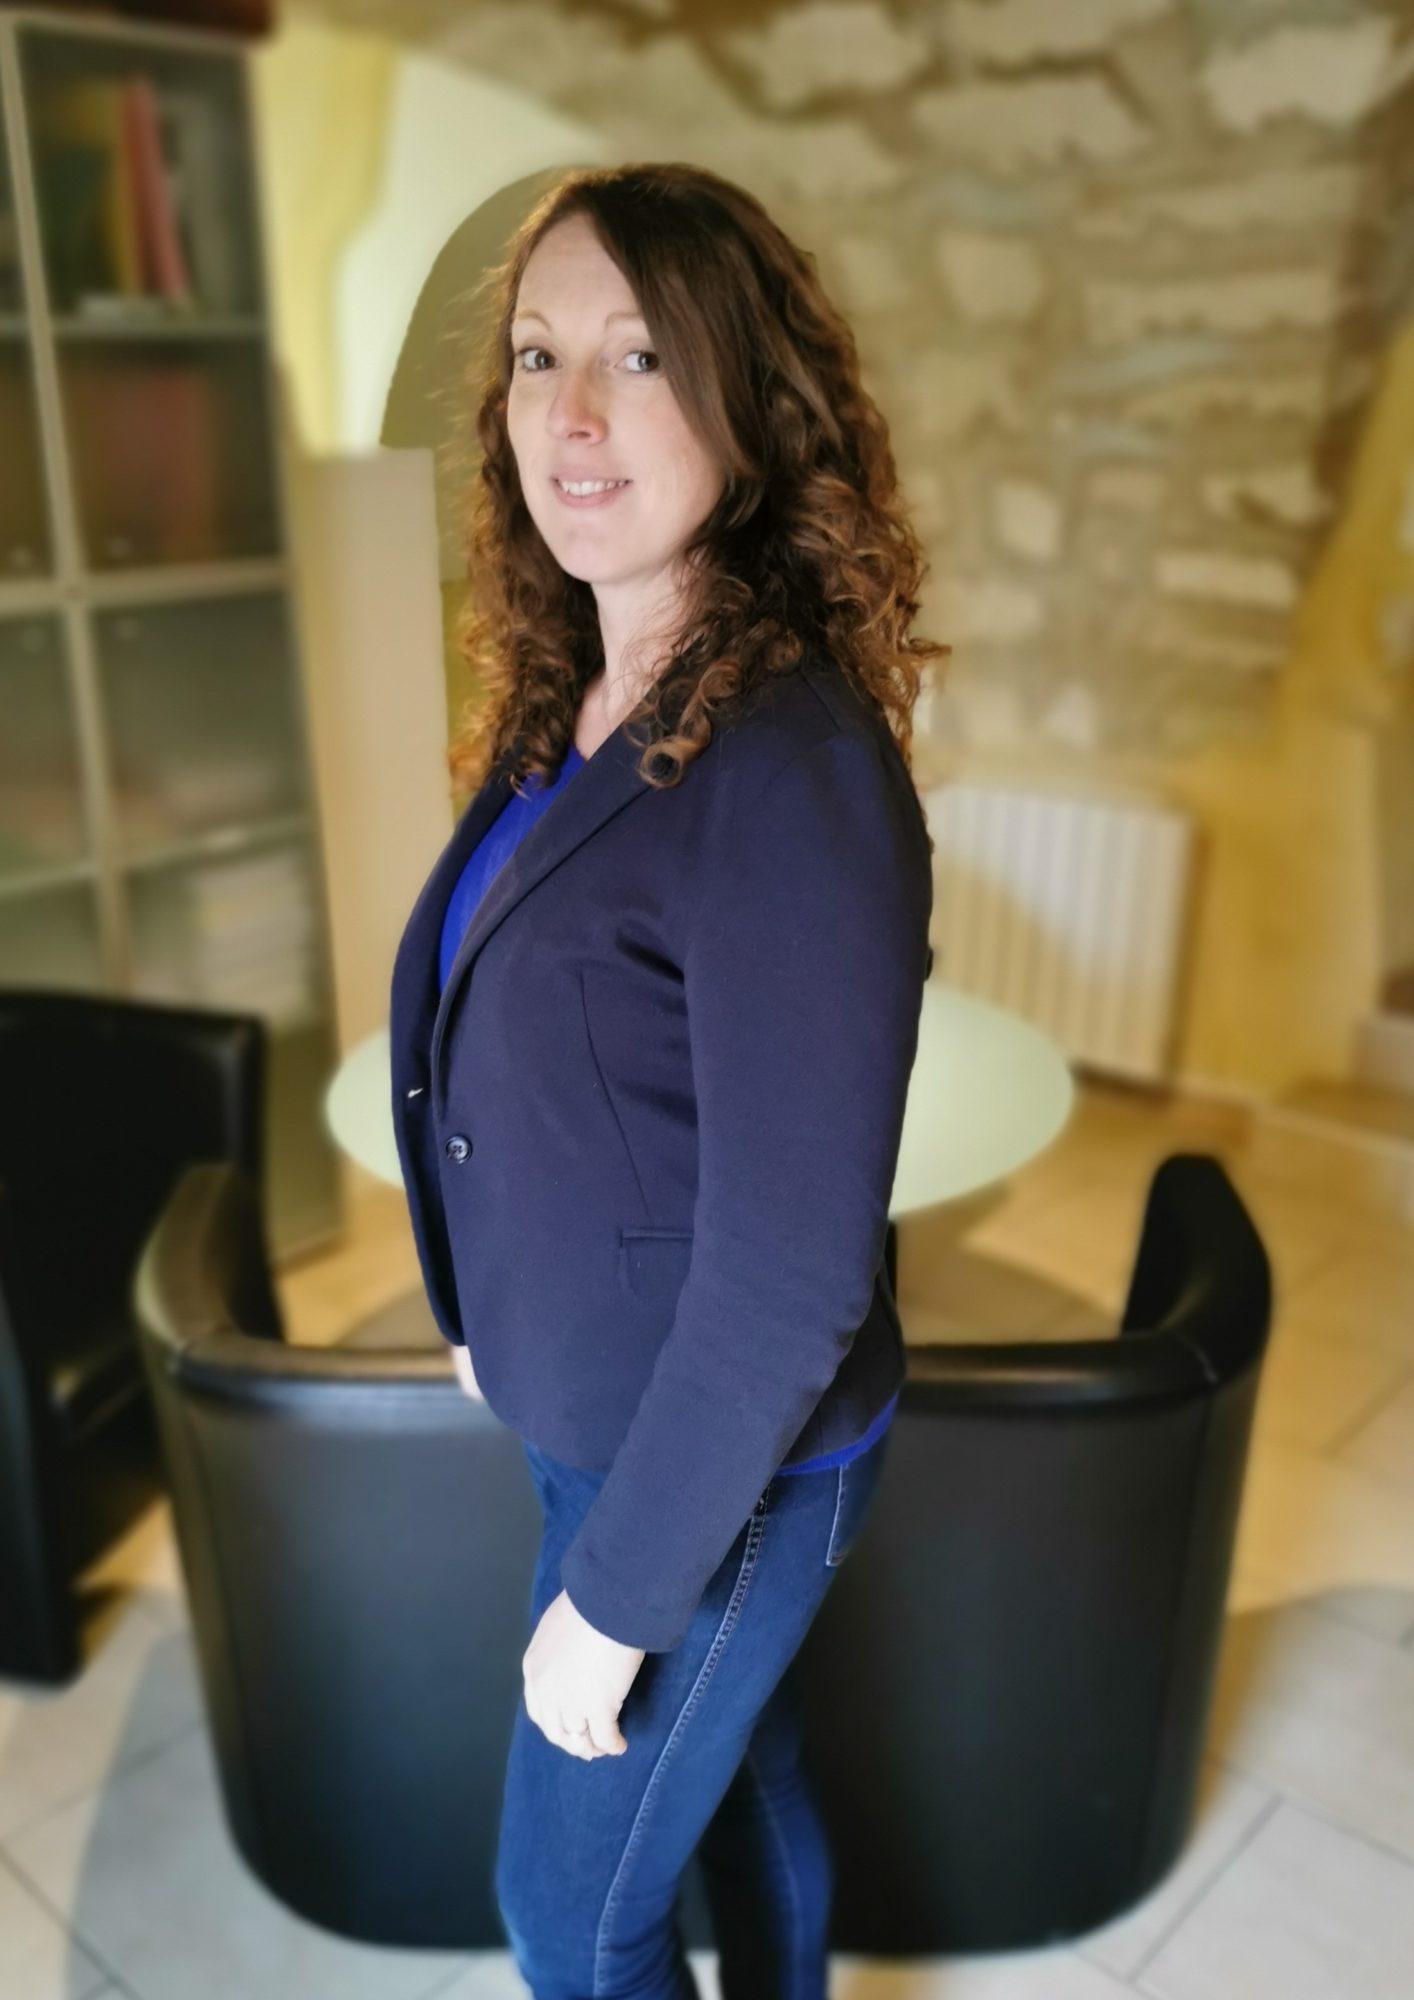 Estelle responsable vente et administration chez AB Foods